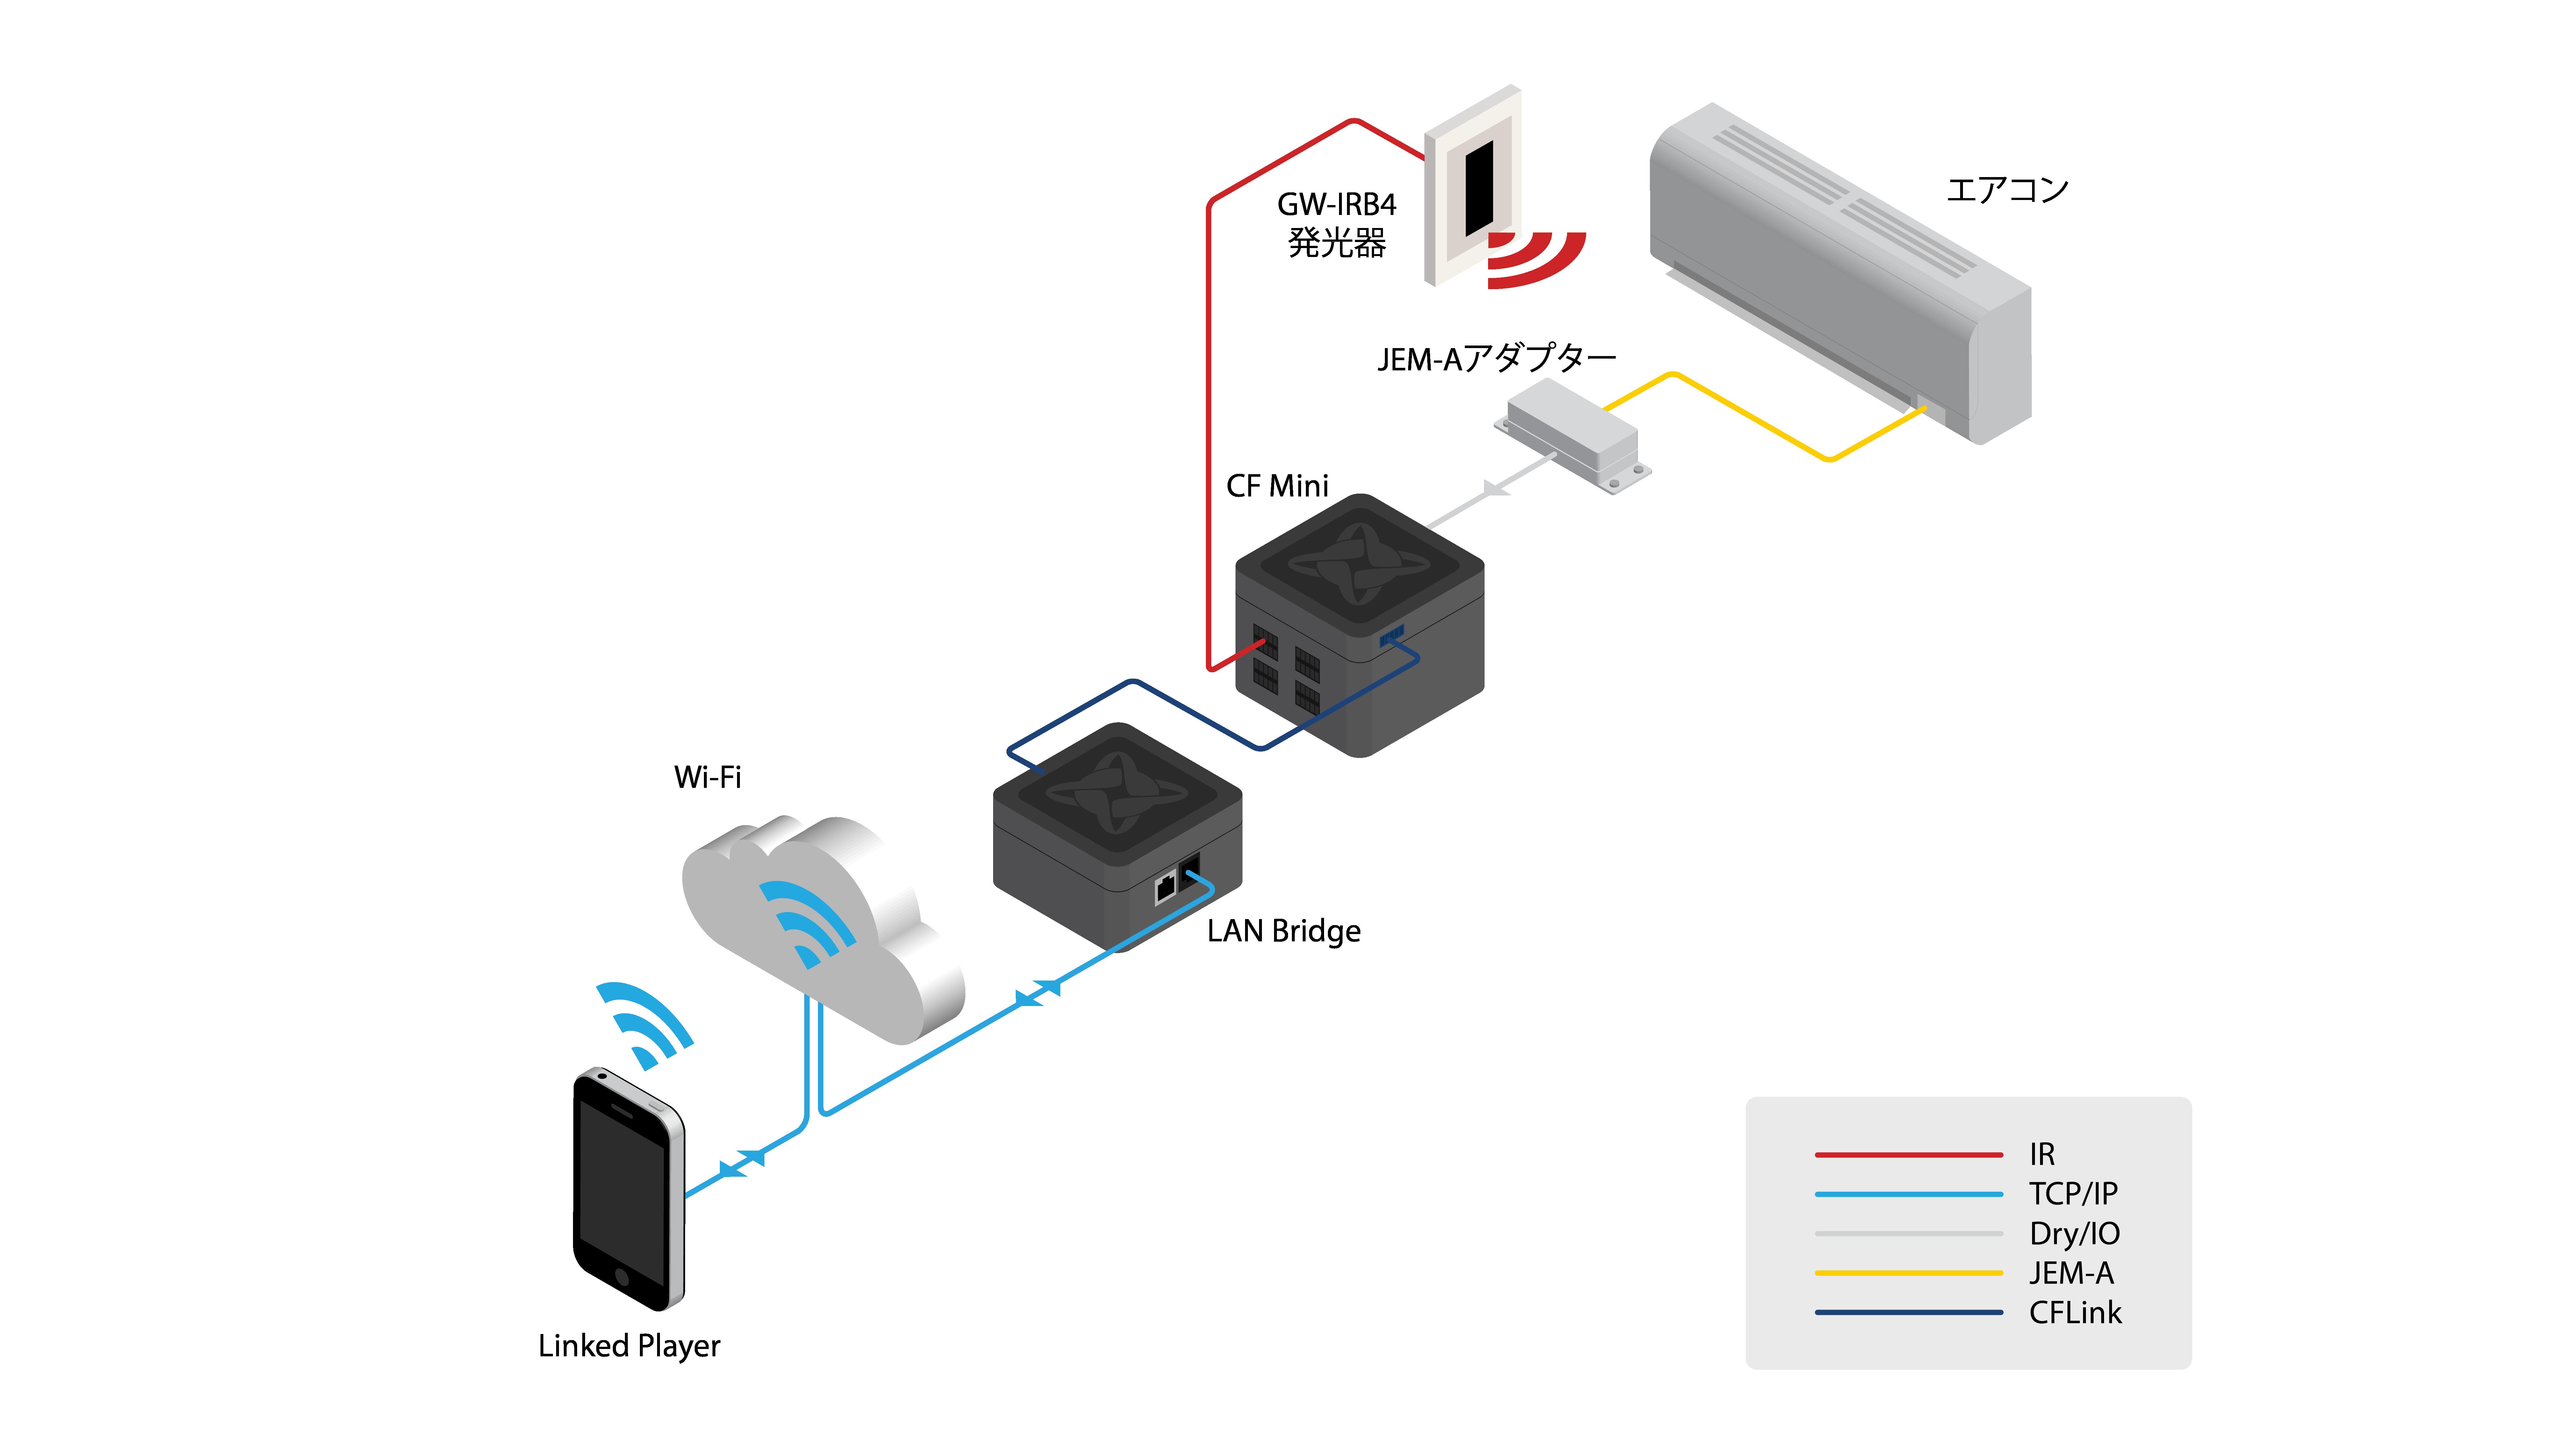 JME-Aでエアコンを操作した構成図